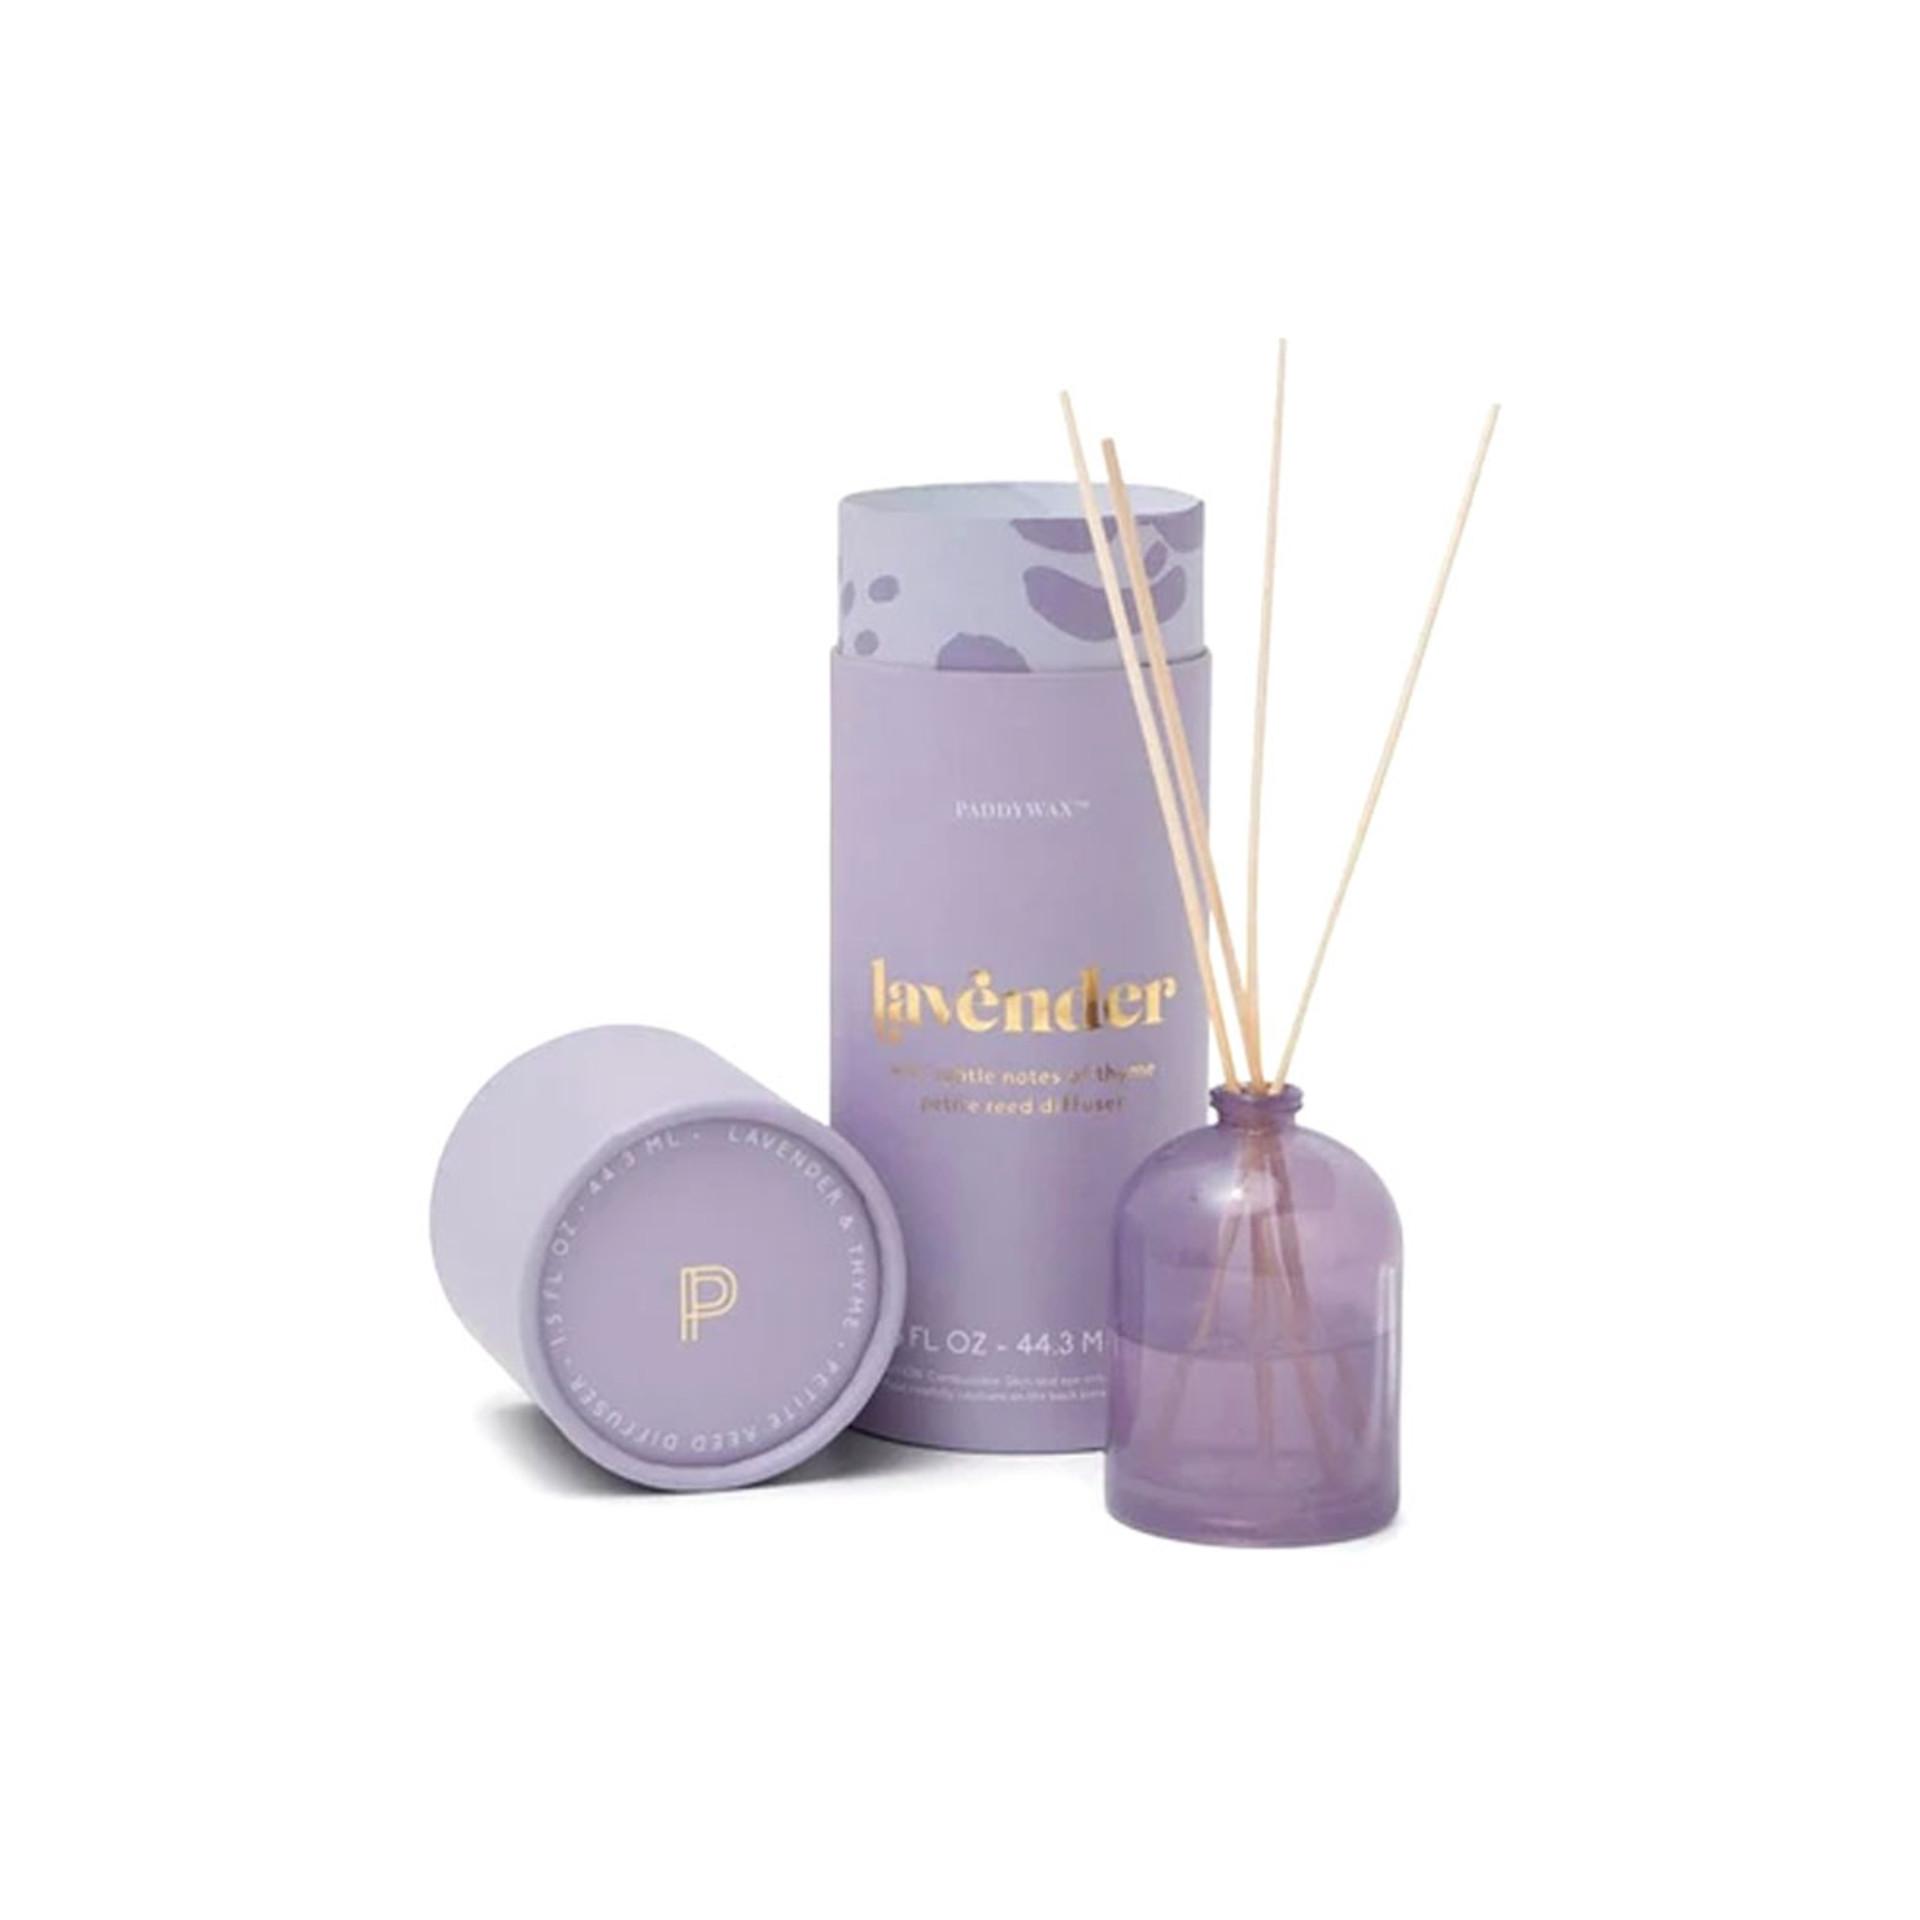 Paddywax Lavender Petite Diffuser